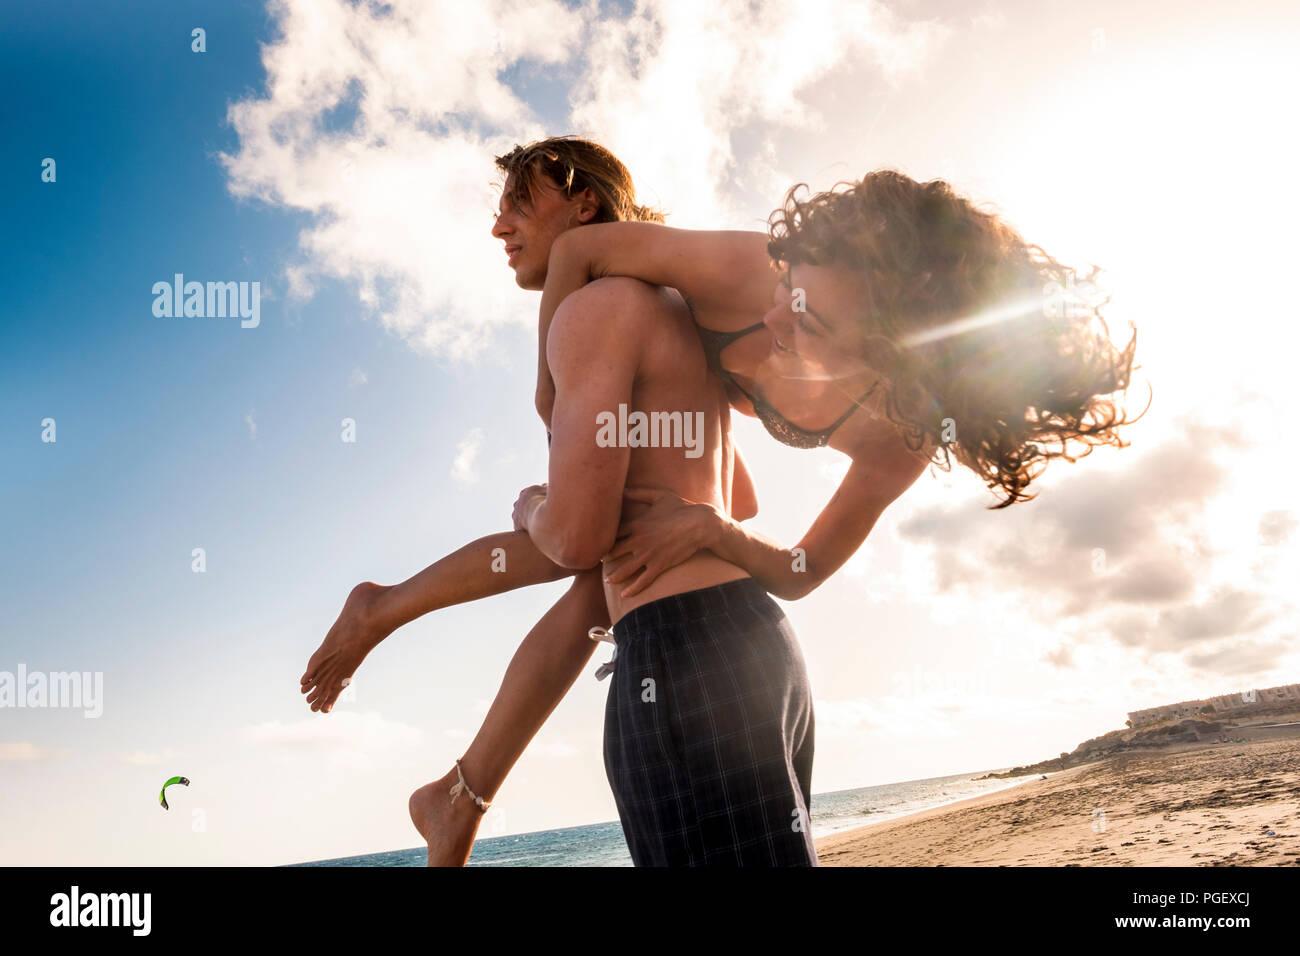 Un montón de diversión en la playa con alegre y hermosa pareja caucásica. El hombre llevar la chica guapa en su hombro como una bolsa y todos se ríen mucho y Imagen De Stock